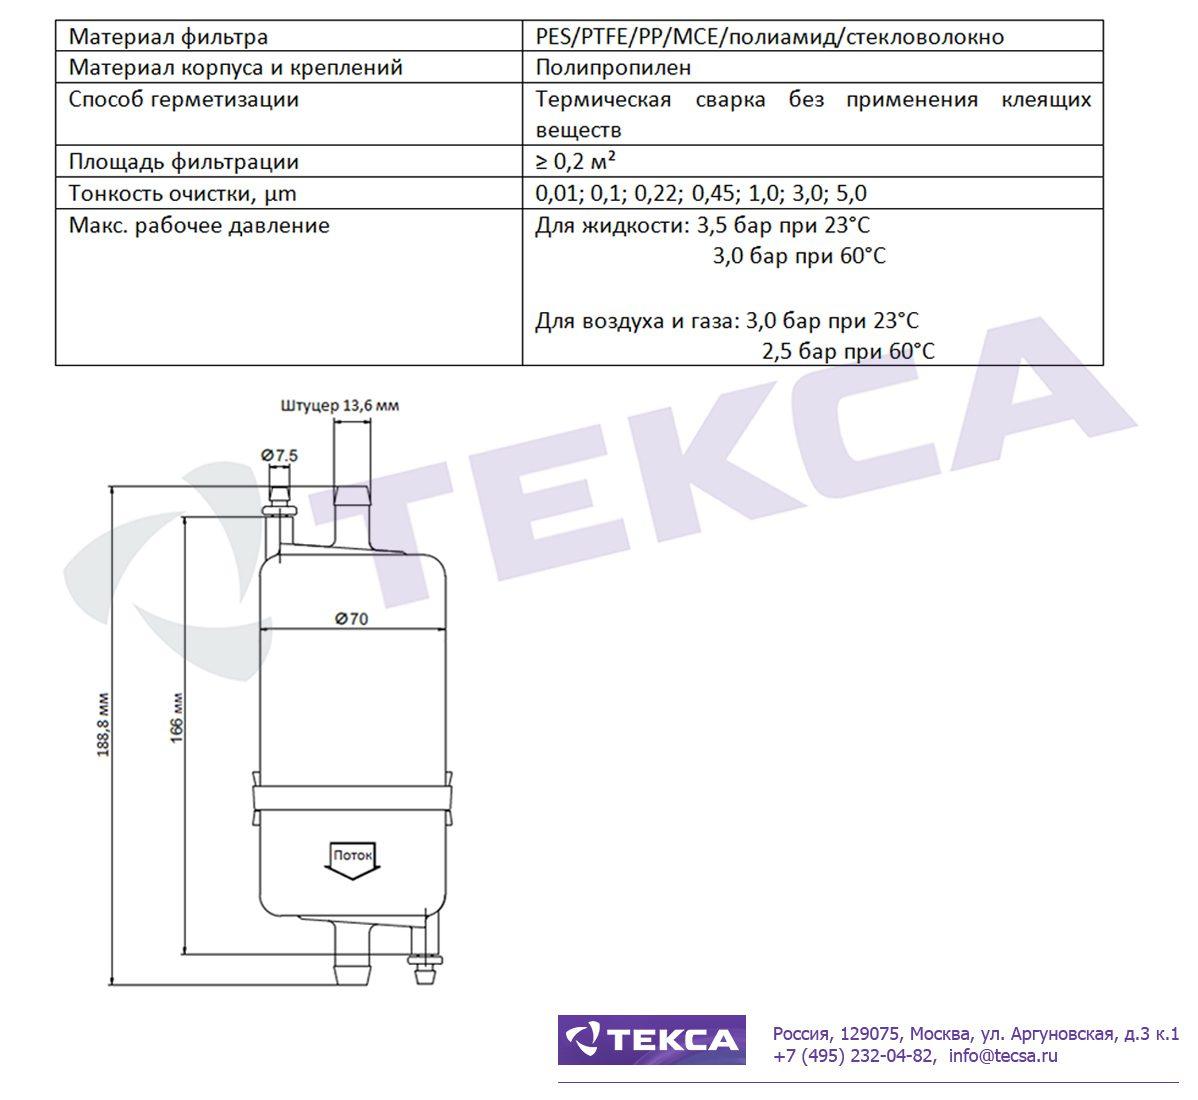 Технические характеристики капсульных фильтров серии CHF